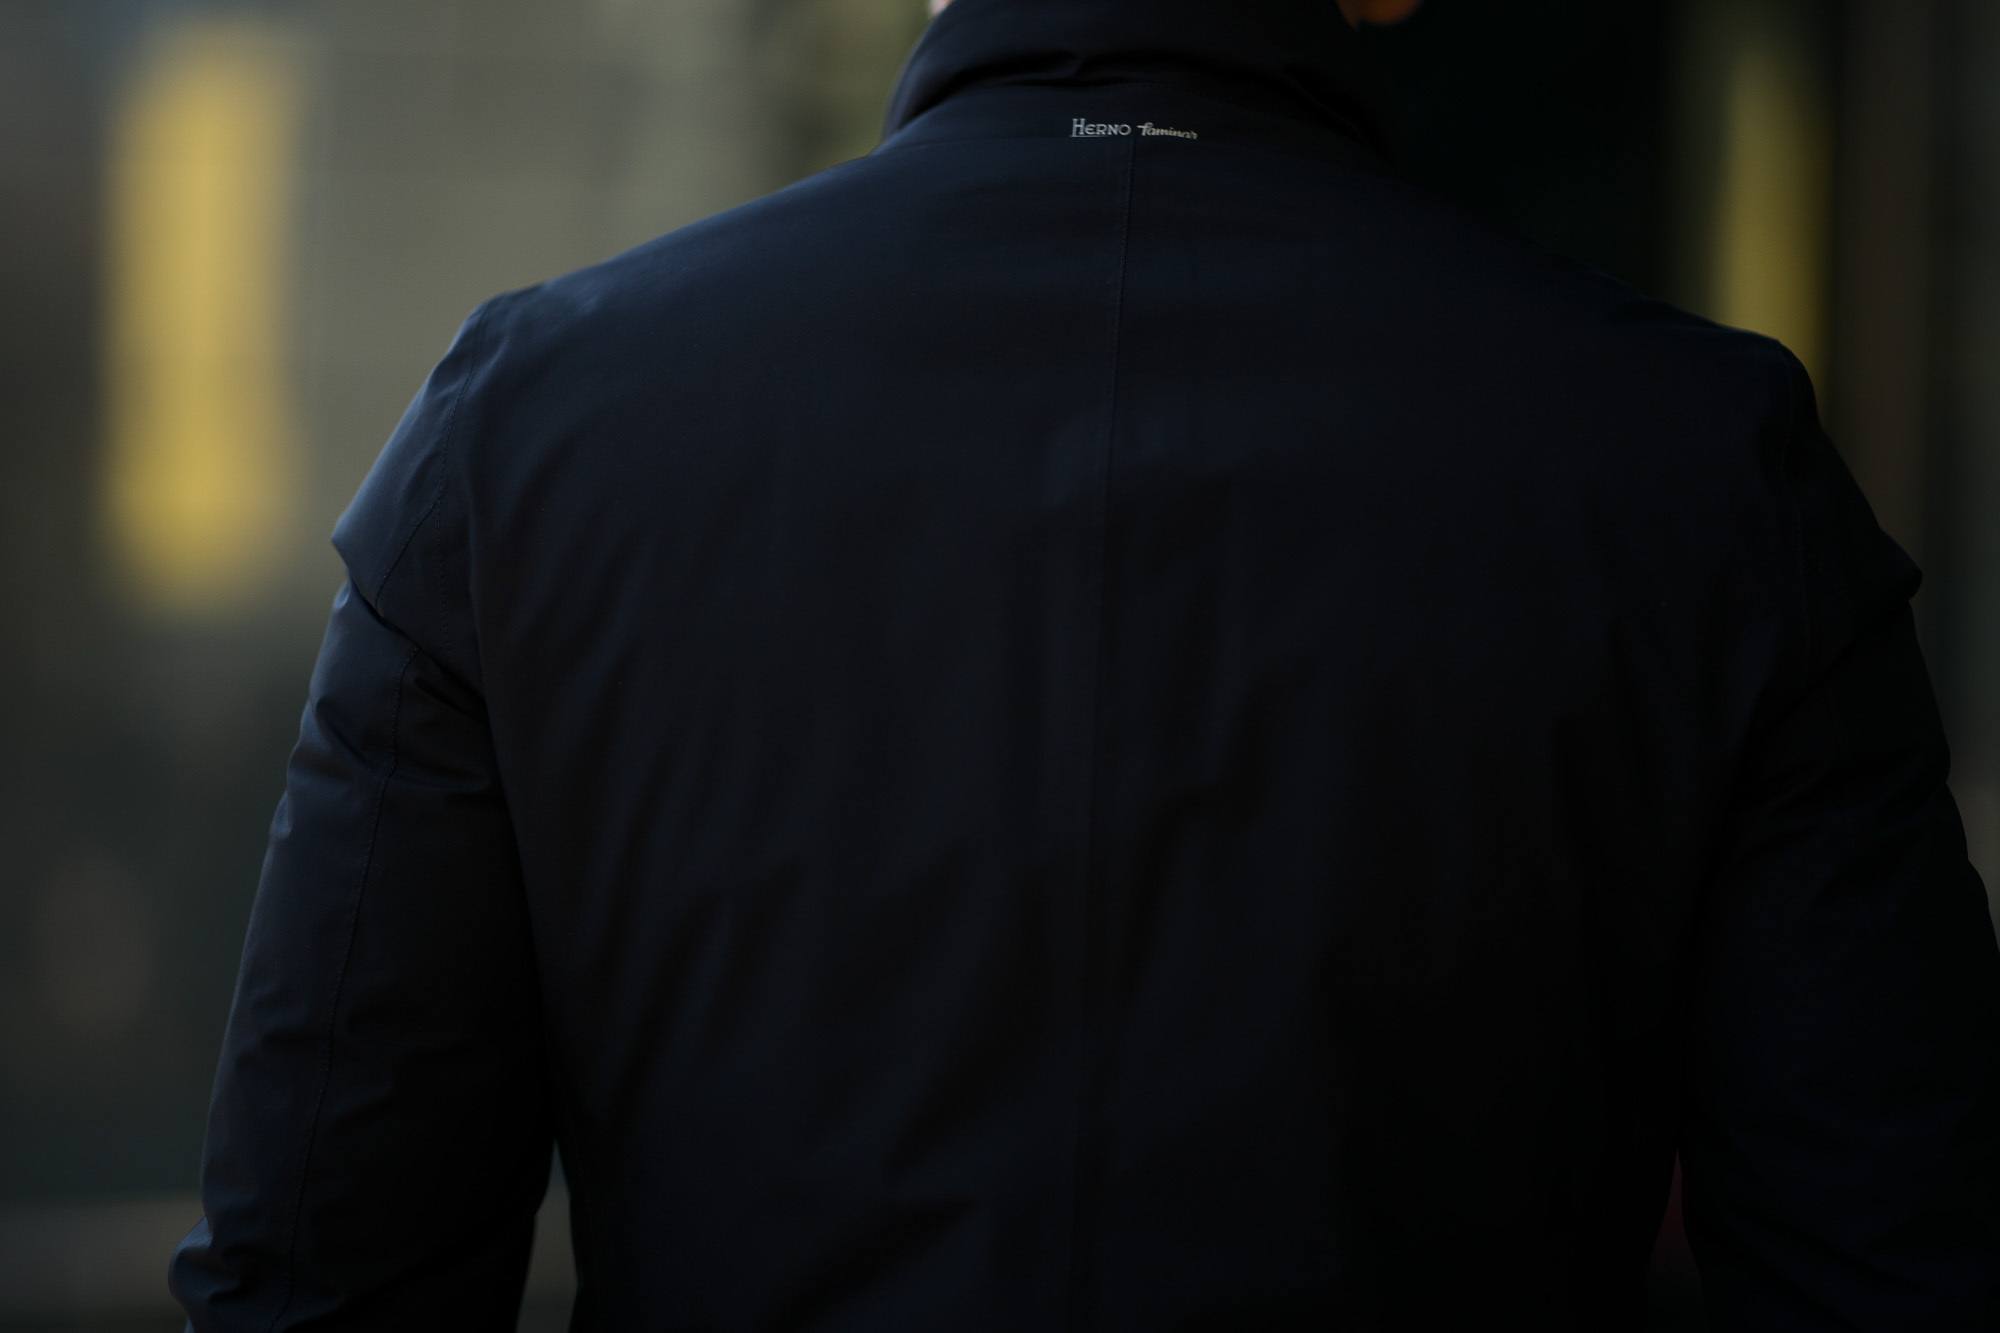 HERNO (ヘルノ) PI074UL LAMINAR Down Jacket (ラミナー ダウンジャケット) GORE-TEX (ゴアテックス) 完全防水 ダウン ジャケット BLACK (ブラック・9300) 2018 秋冬新作 愛知 名古屋 altoediritto アルトエデリット